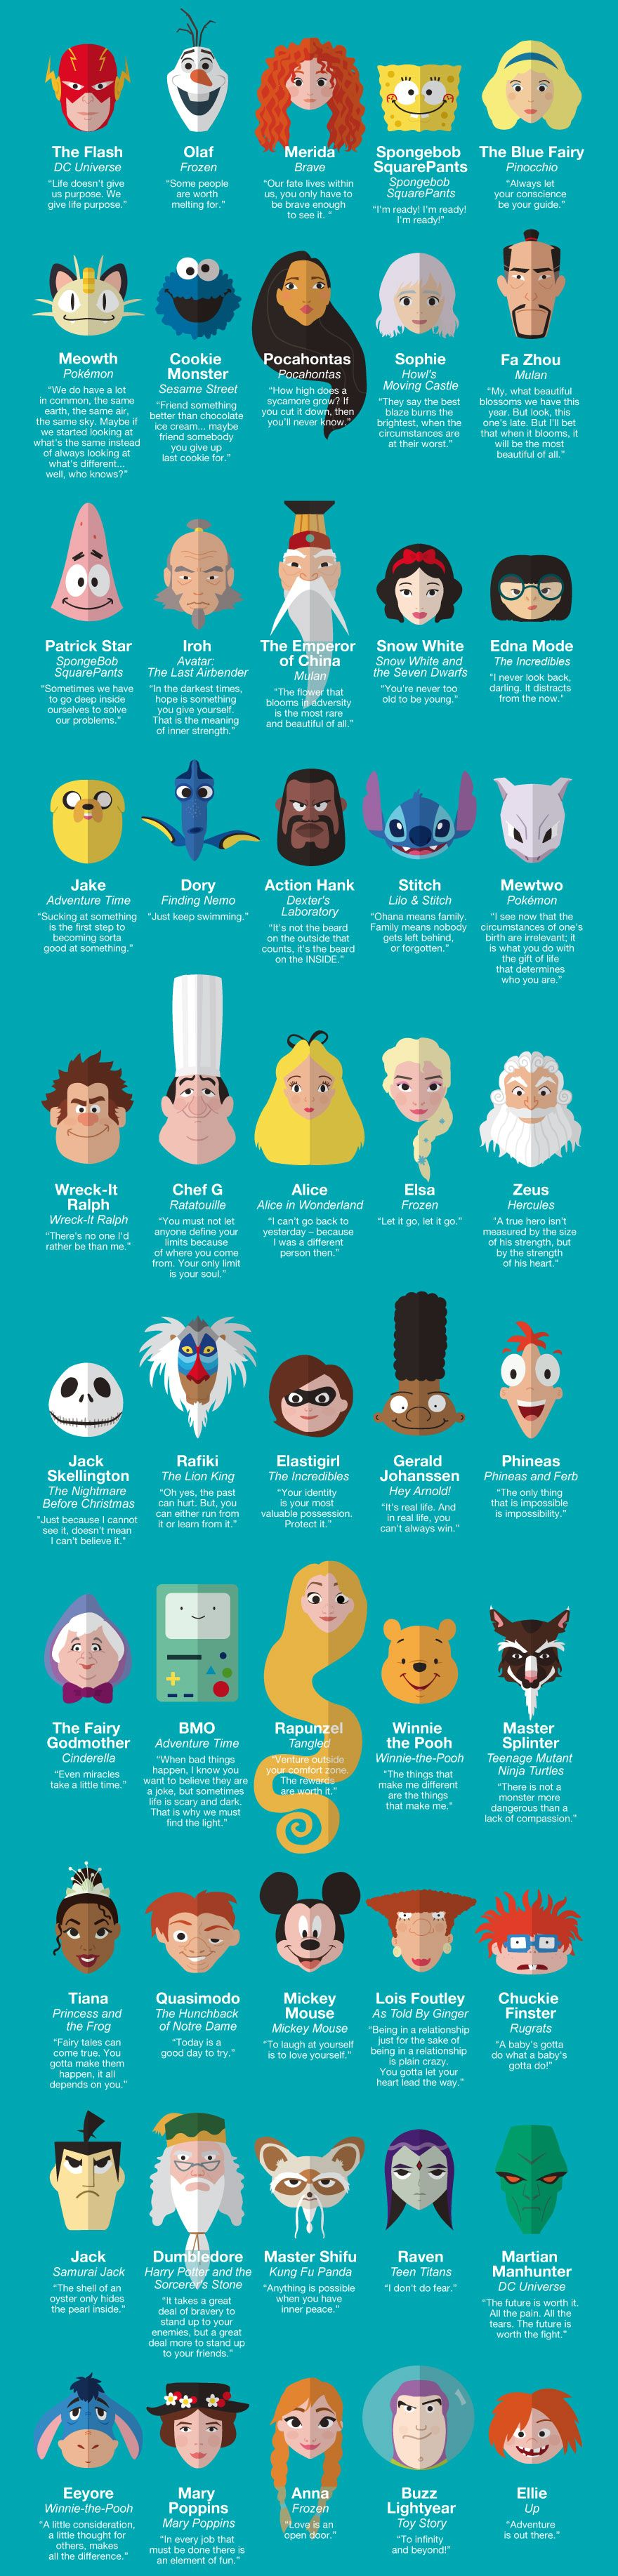 Celebrity | Disney Wiki | FANDOM powered by Wikia